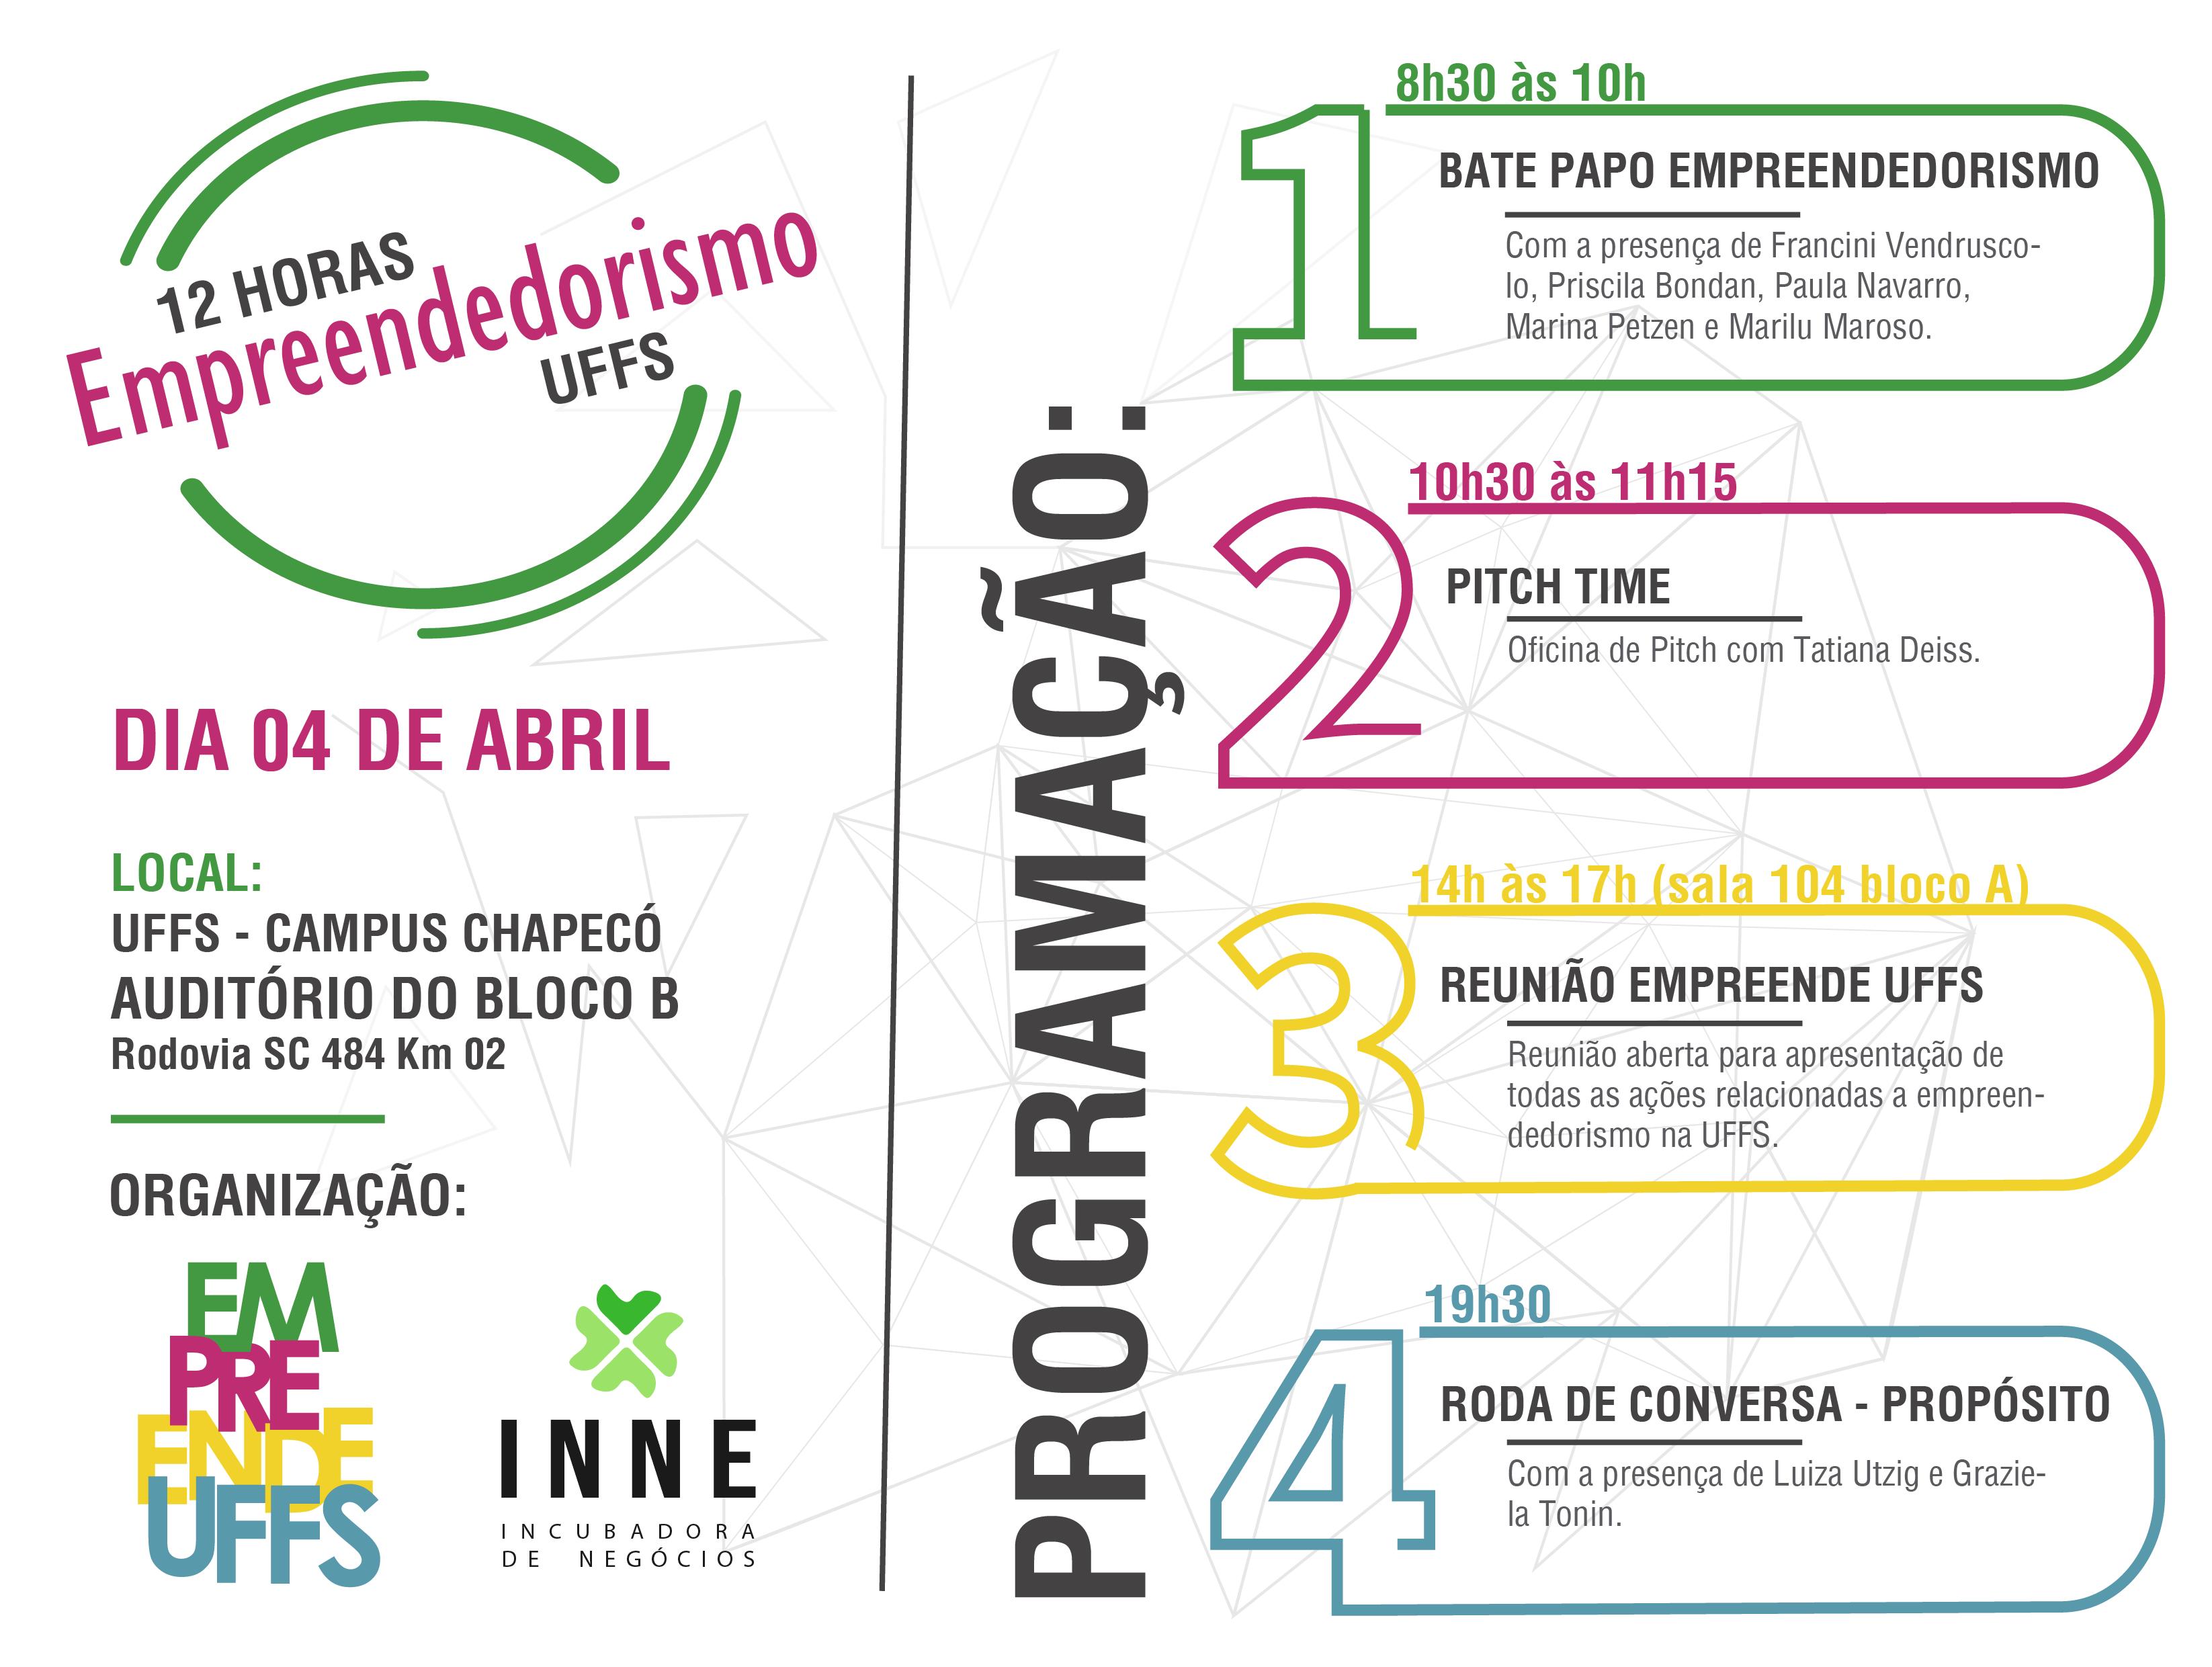 Cartaz com informações sobre evento 12 horas de empreendedorismo